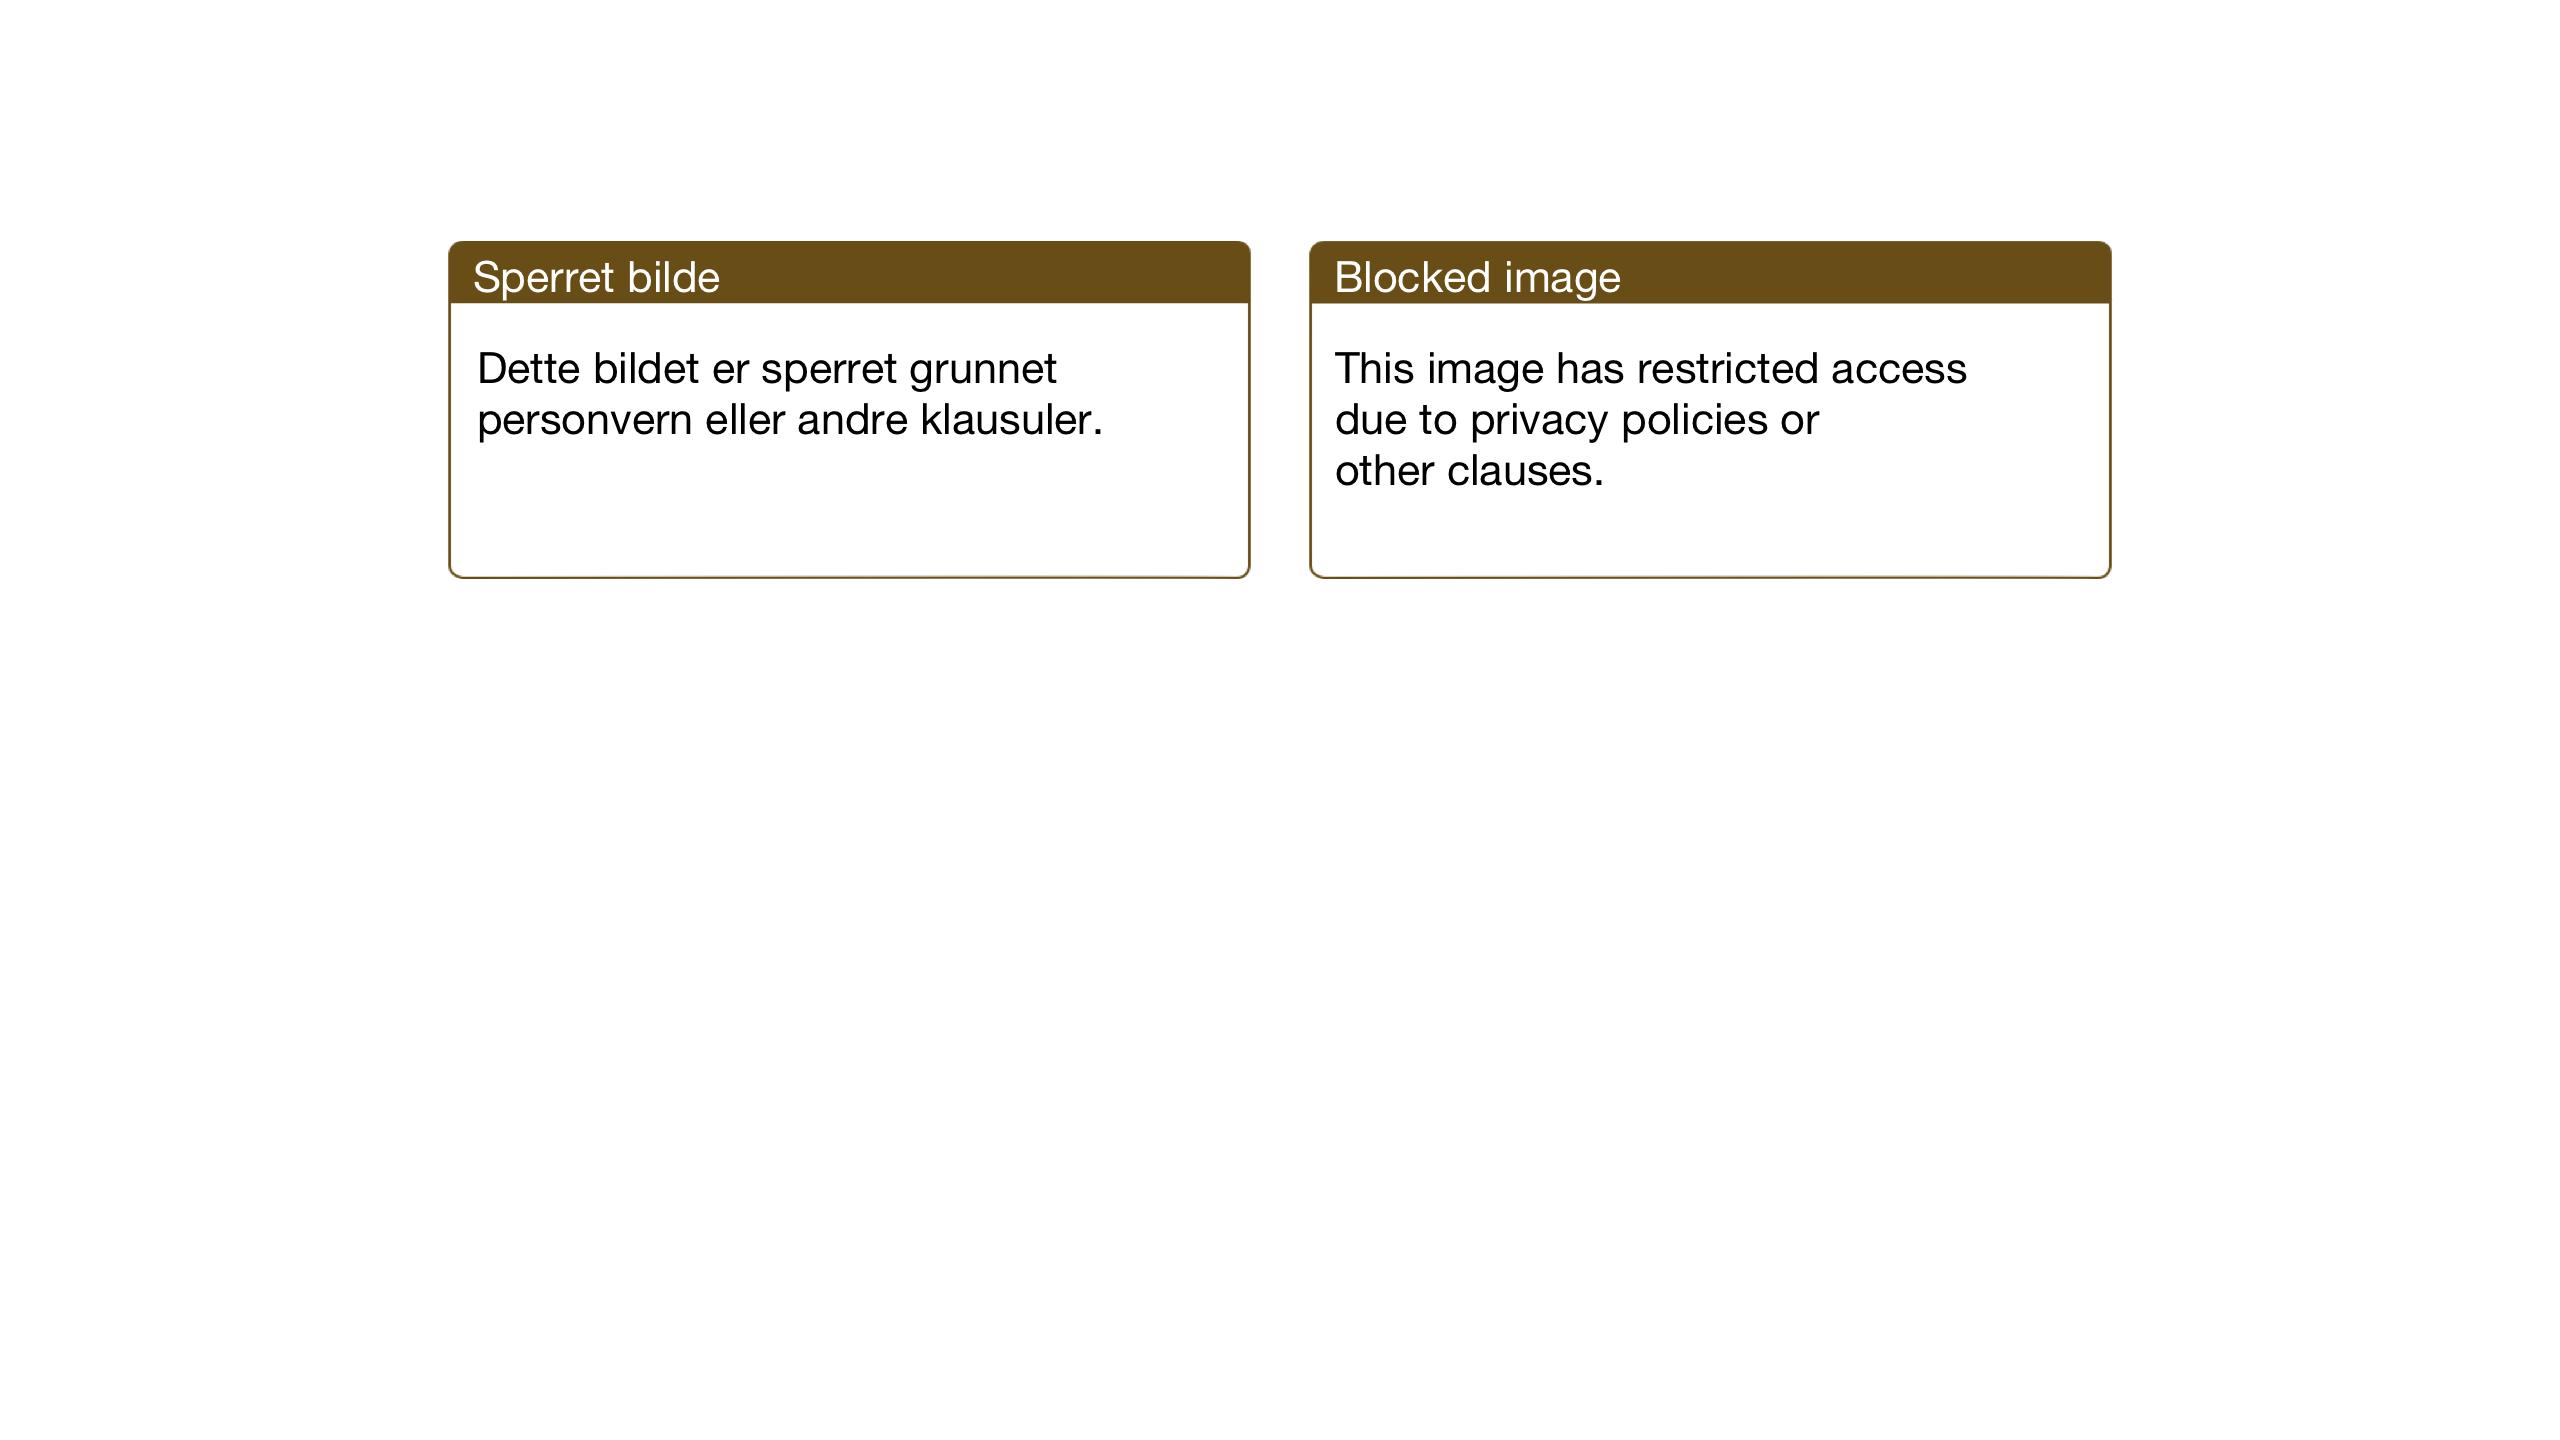 SAT, Ministerialprotokoller, klokkerbøker og fødselsregistre - Sør-Trøndelag, 641/L0599: Klokkerbok nr. 641C03, 1910-1938, s. 91